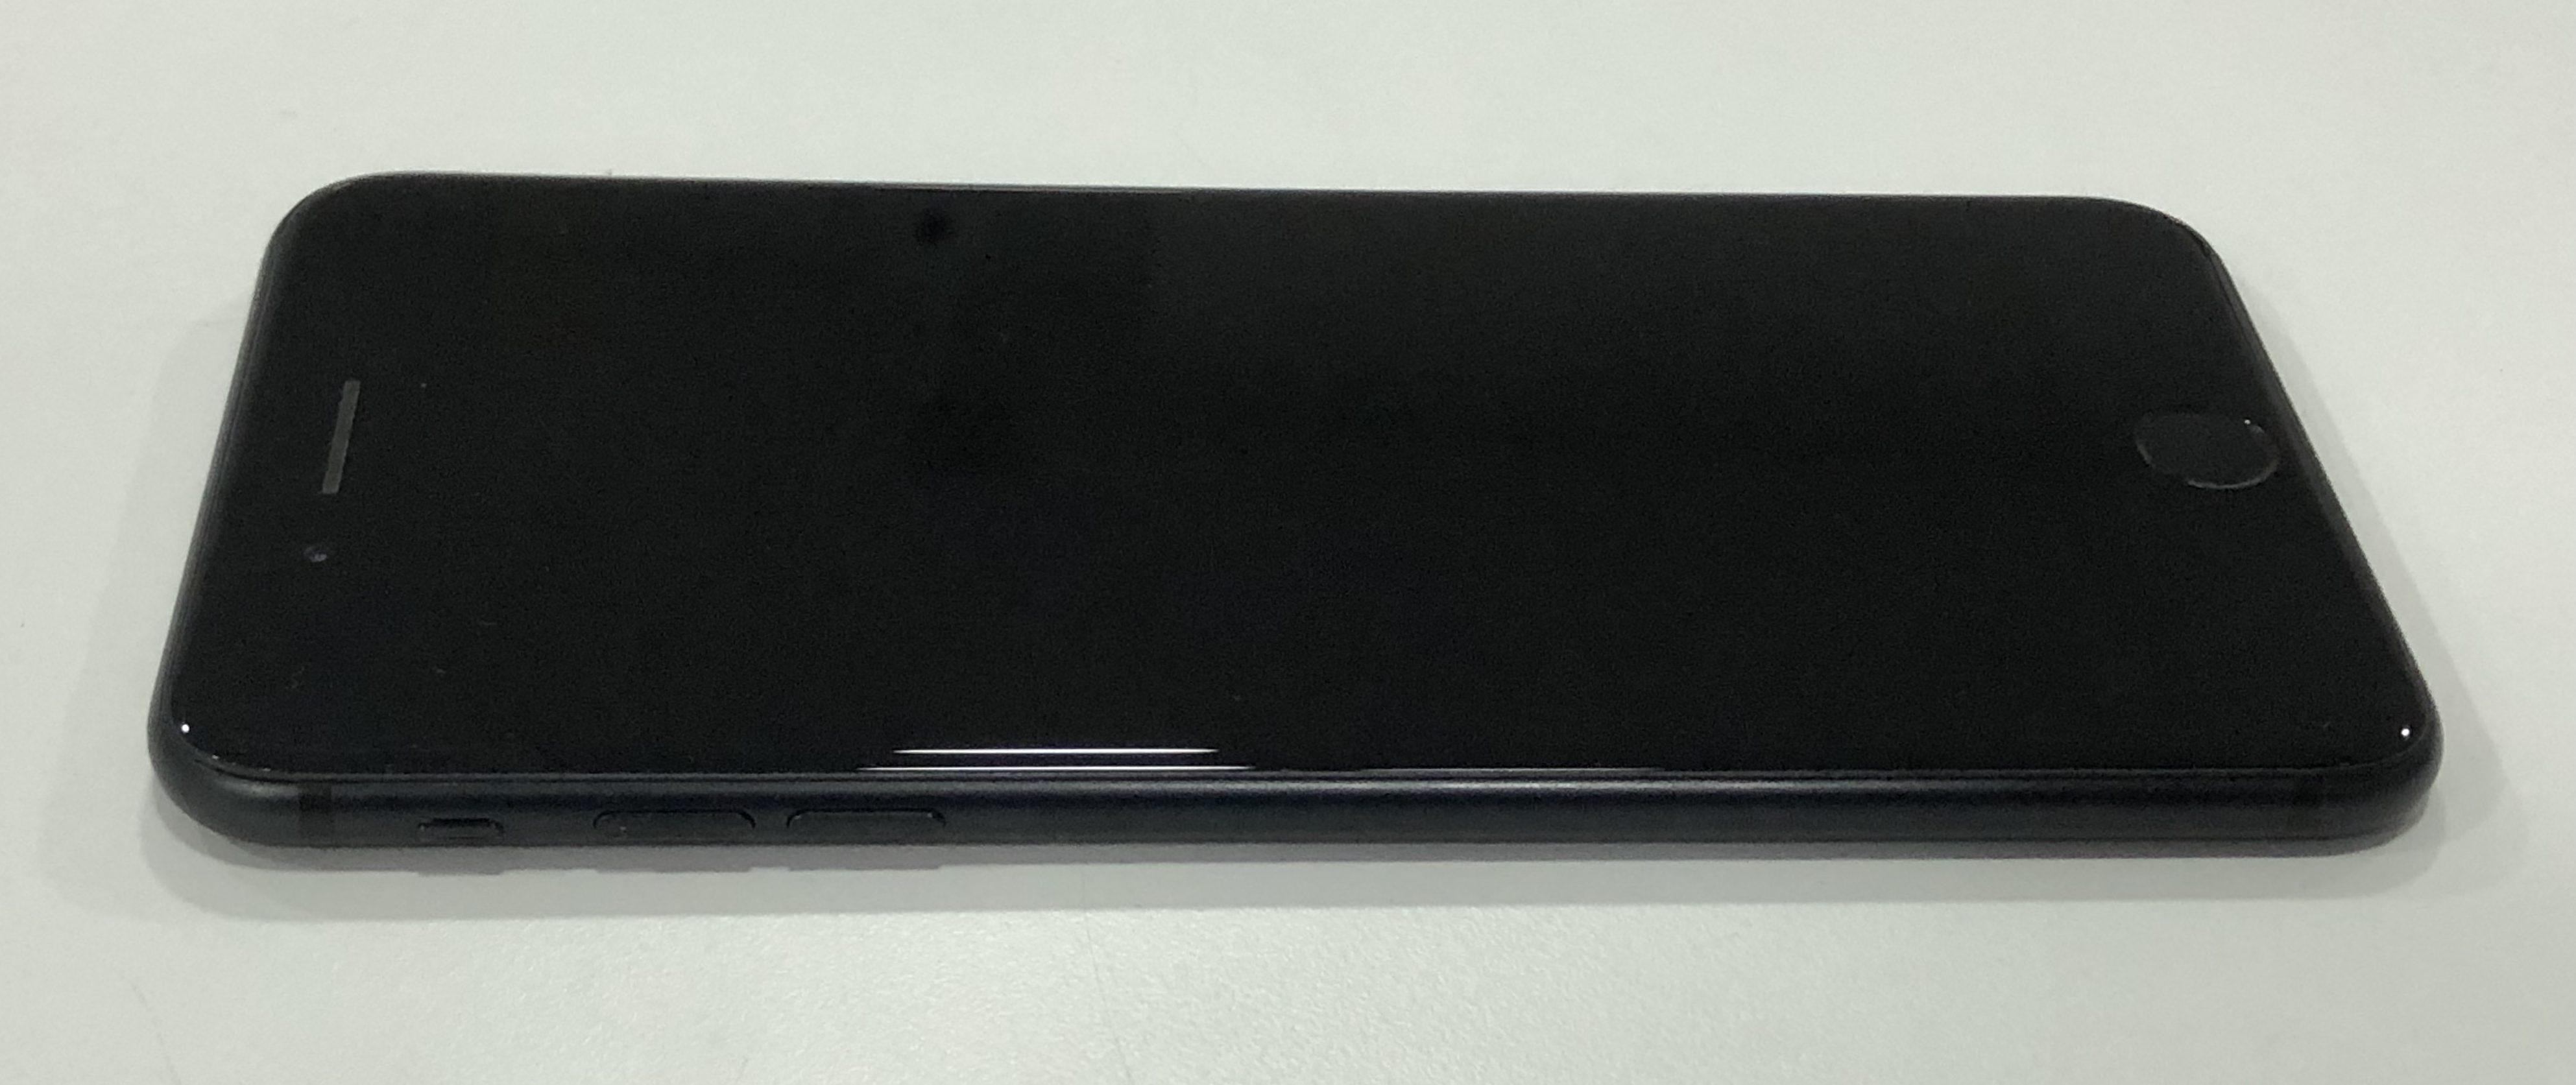 iPhone 7 Plus 128GB, 128 GB, Black, imagen 1